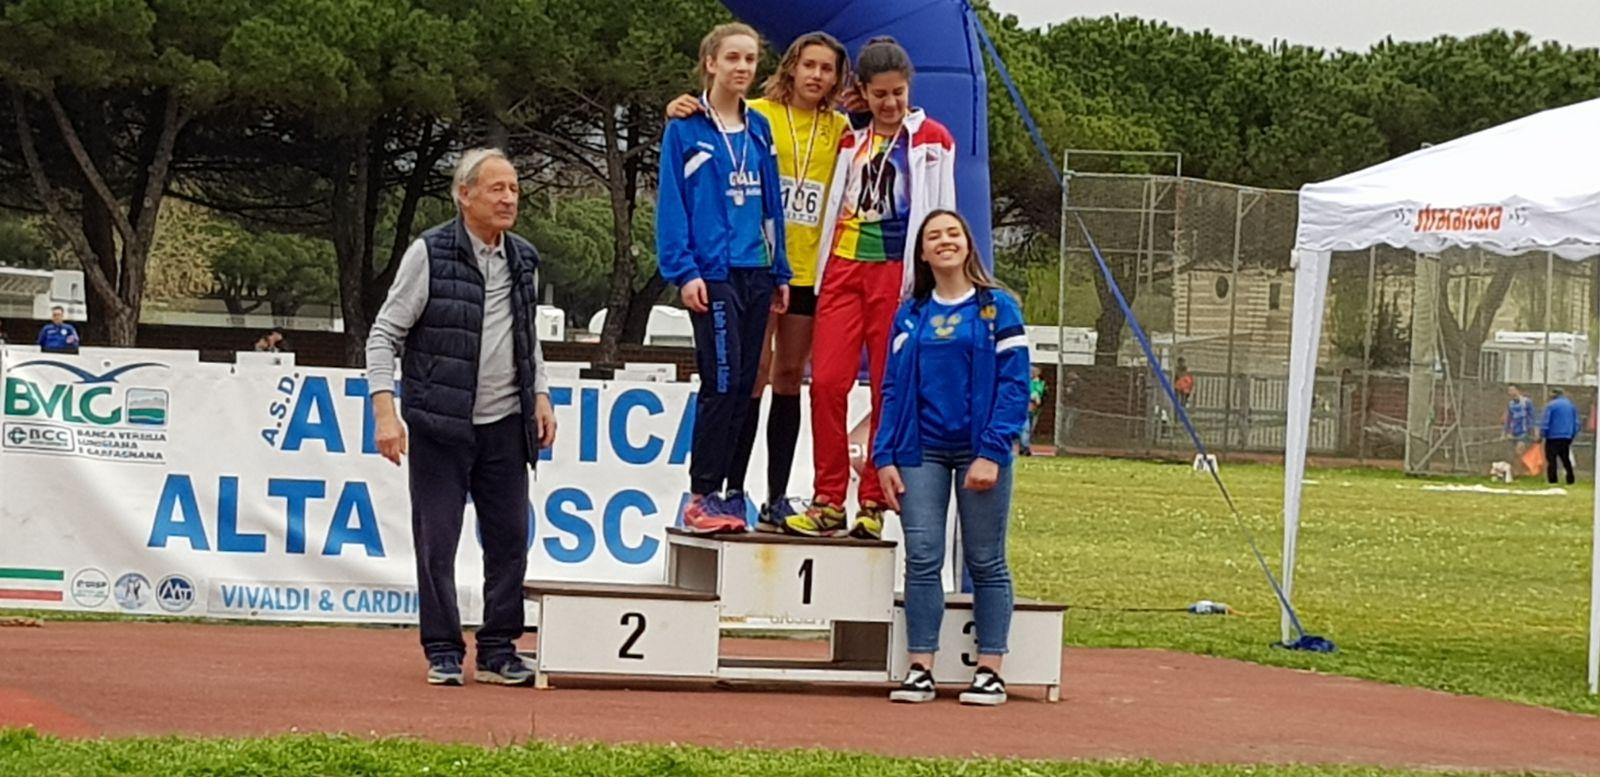 Domenica 15 aprile seconda giornata del cds cadetti a Marina di Carrara, buoni risultati per i nostri ragazzi con 3 piazzamenti sul podio. La prima […]